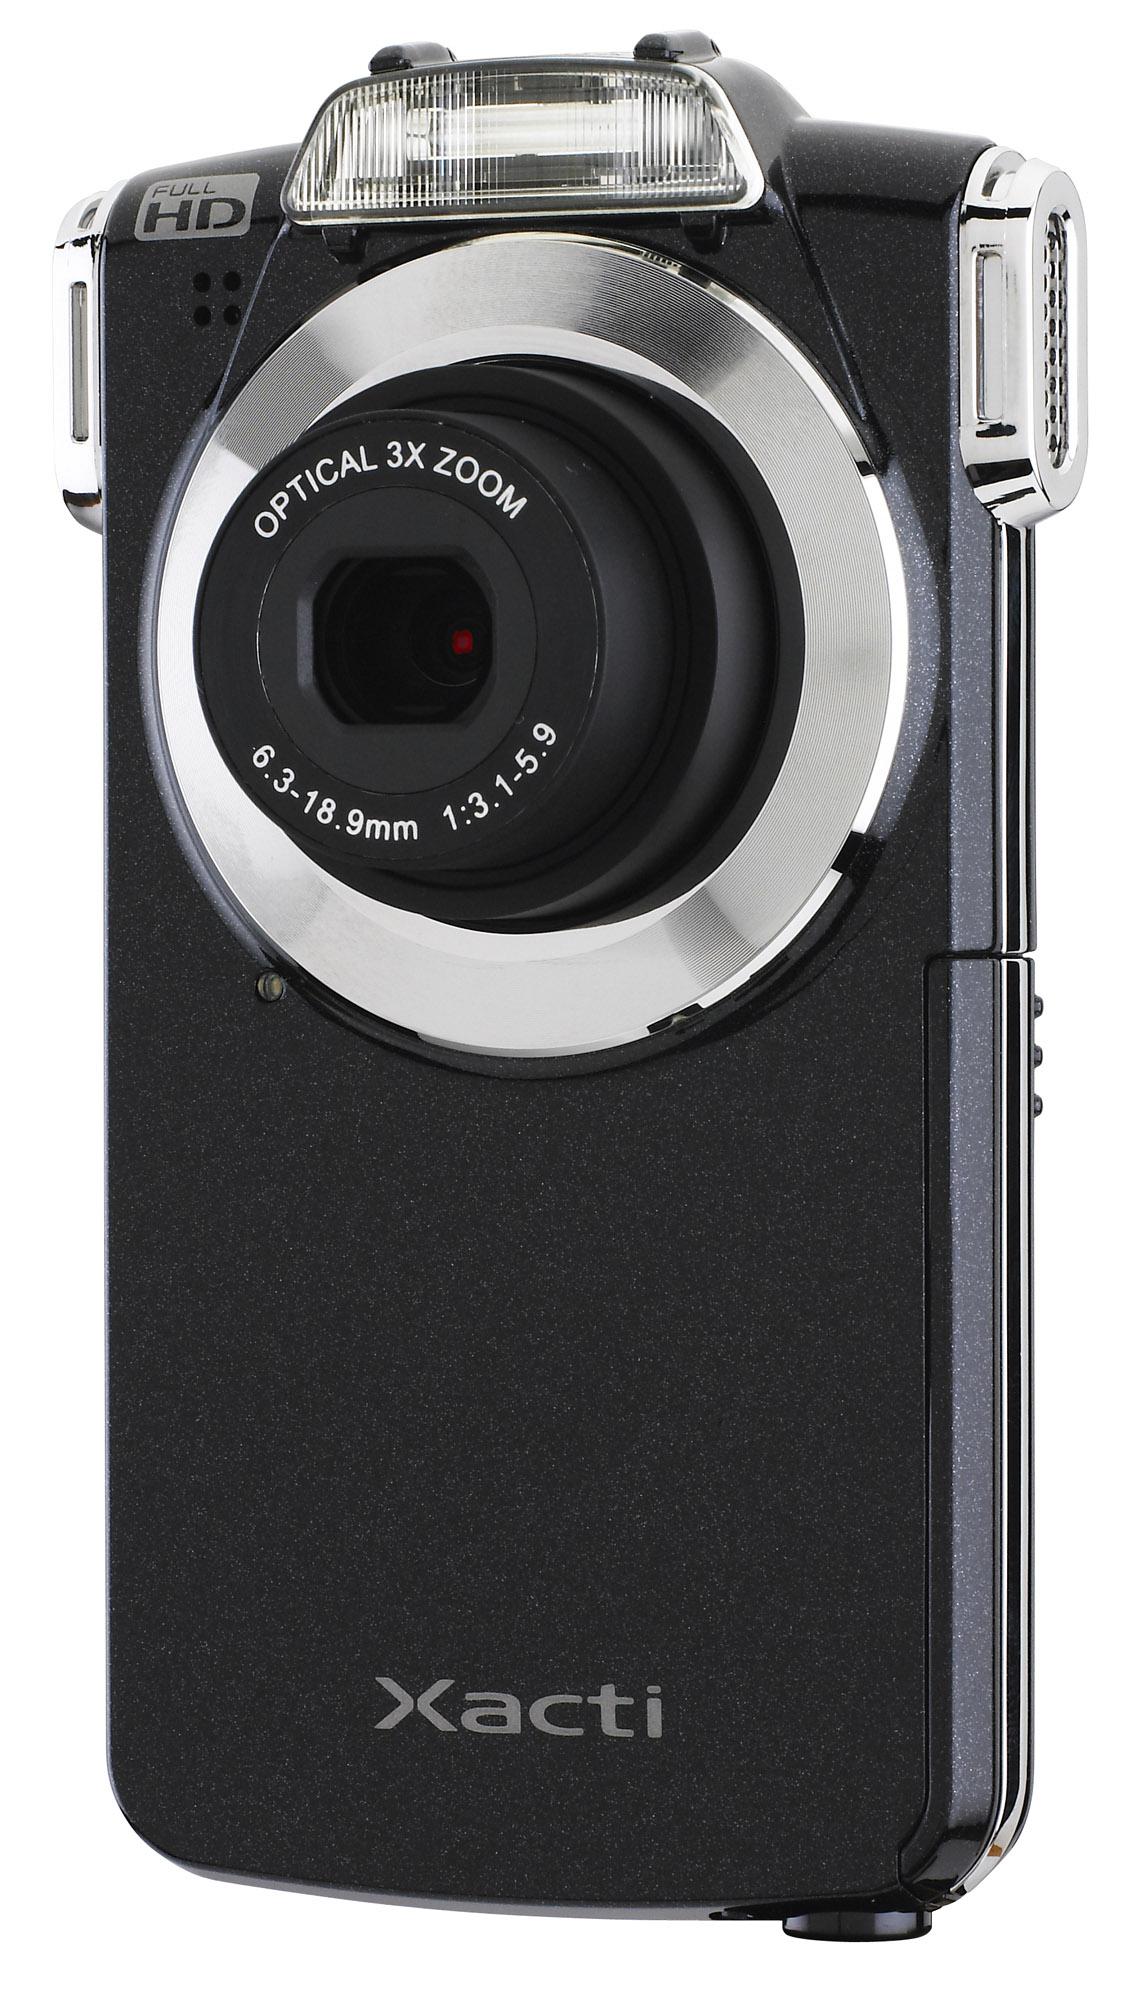 SANYO Digital Camera Drivers Download - driverscape.com